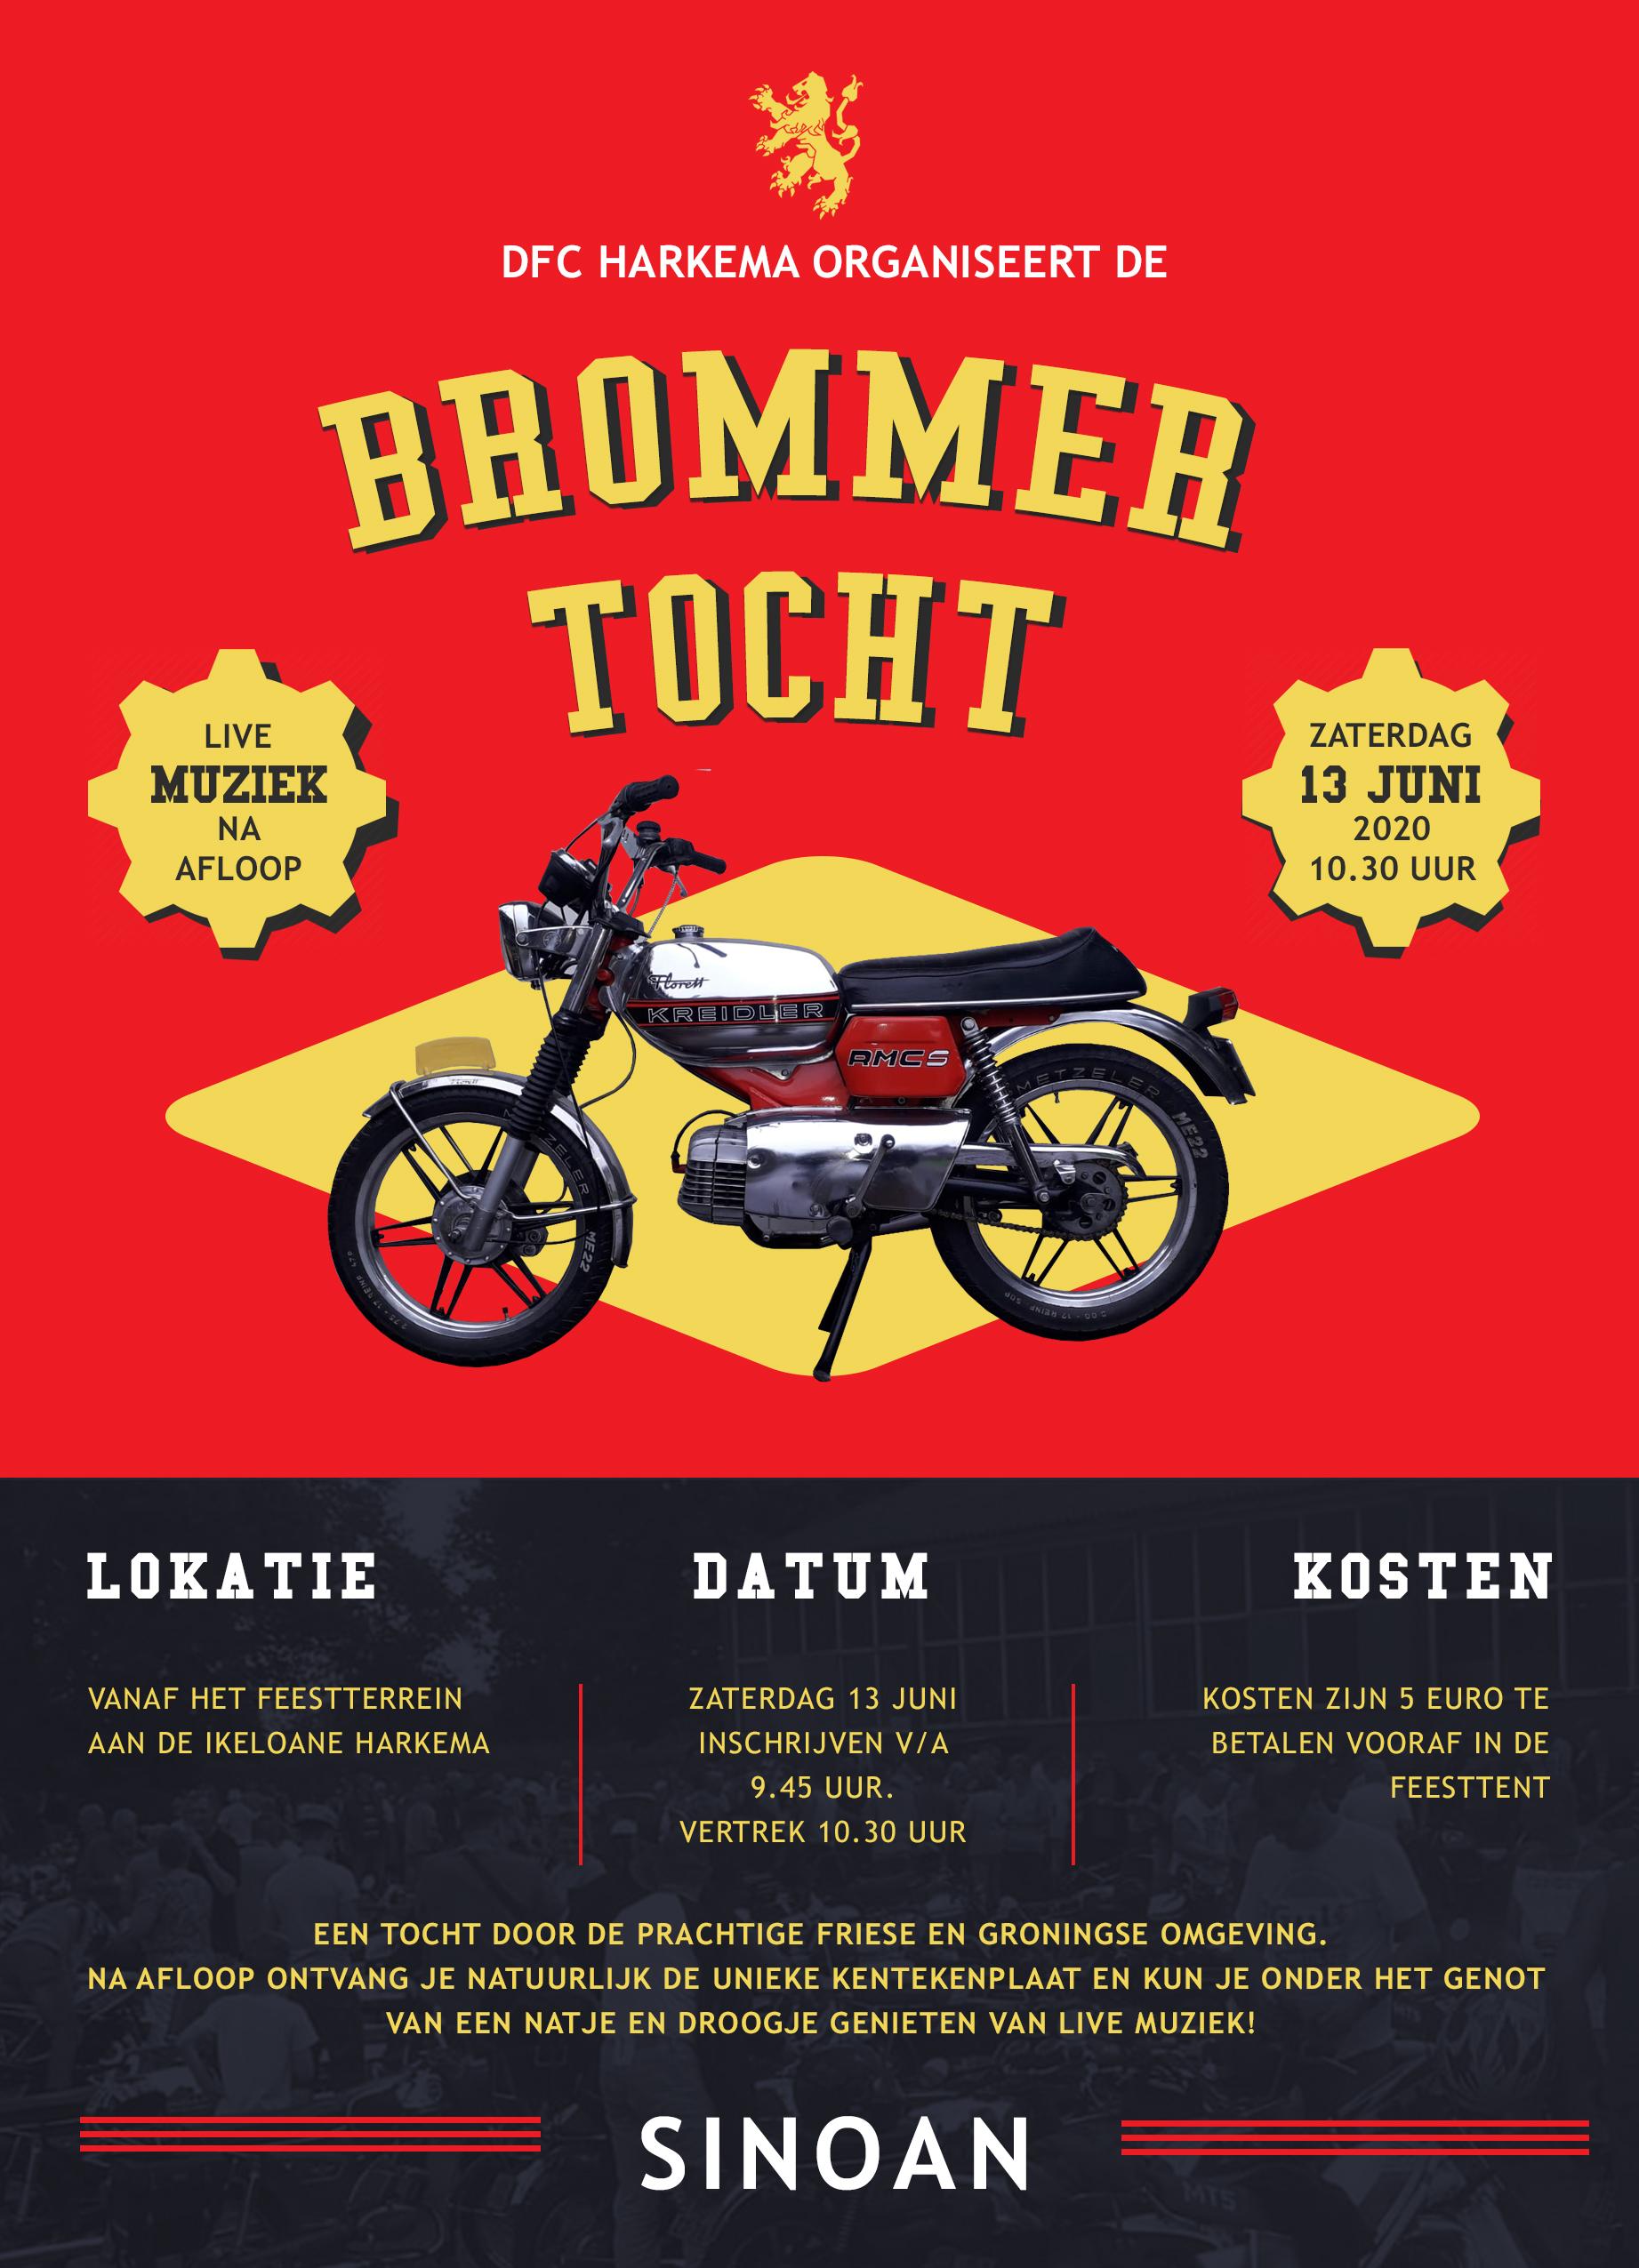 DFC Harkema Brommertocht